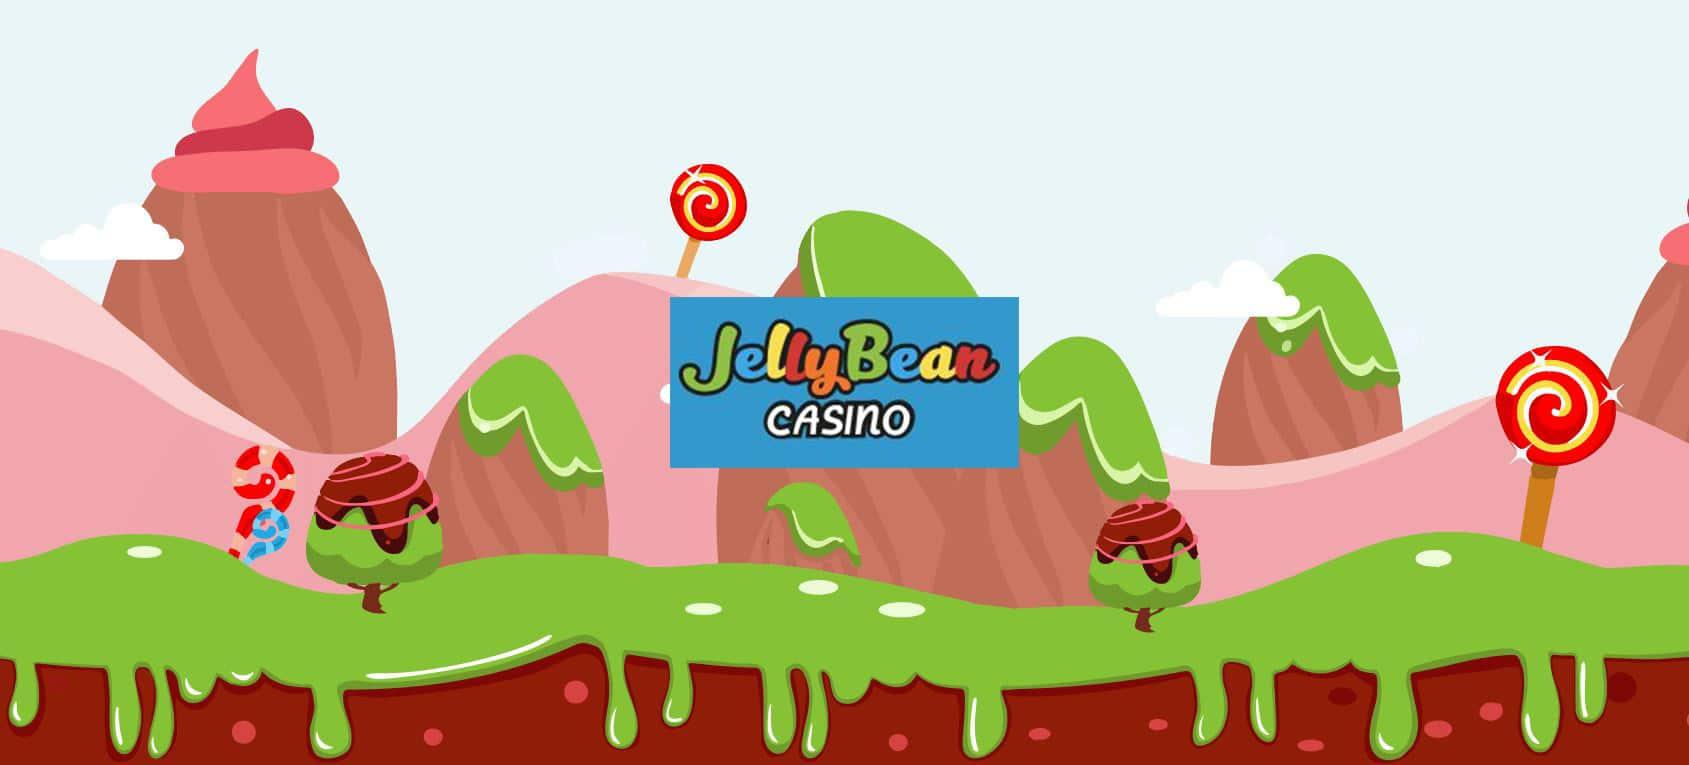 Com login Jelly Bean gate